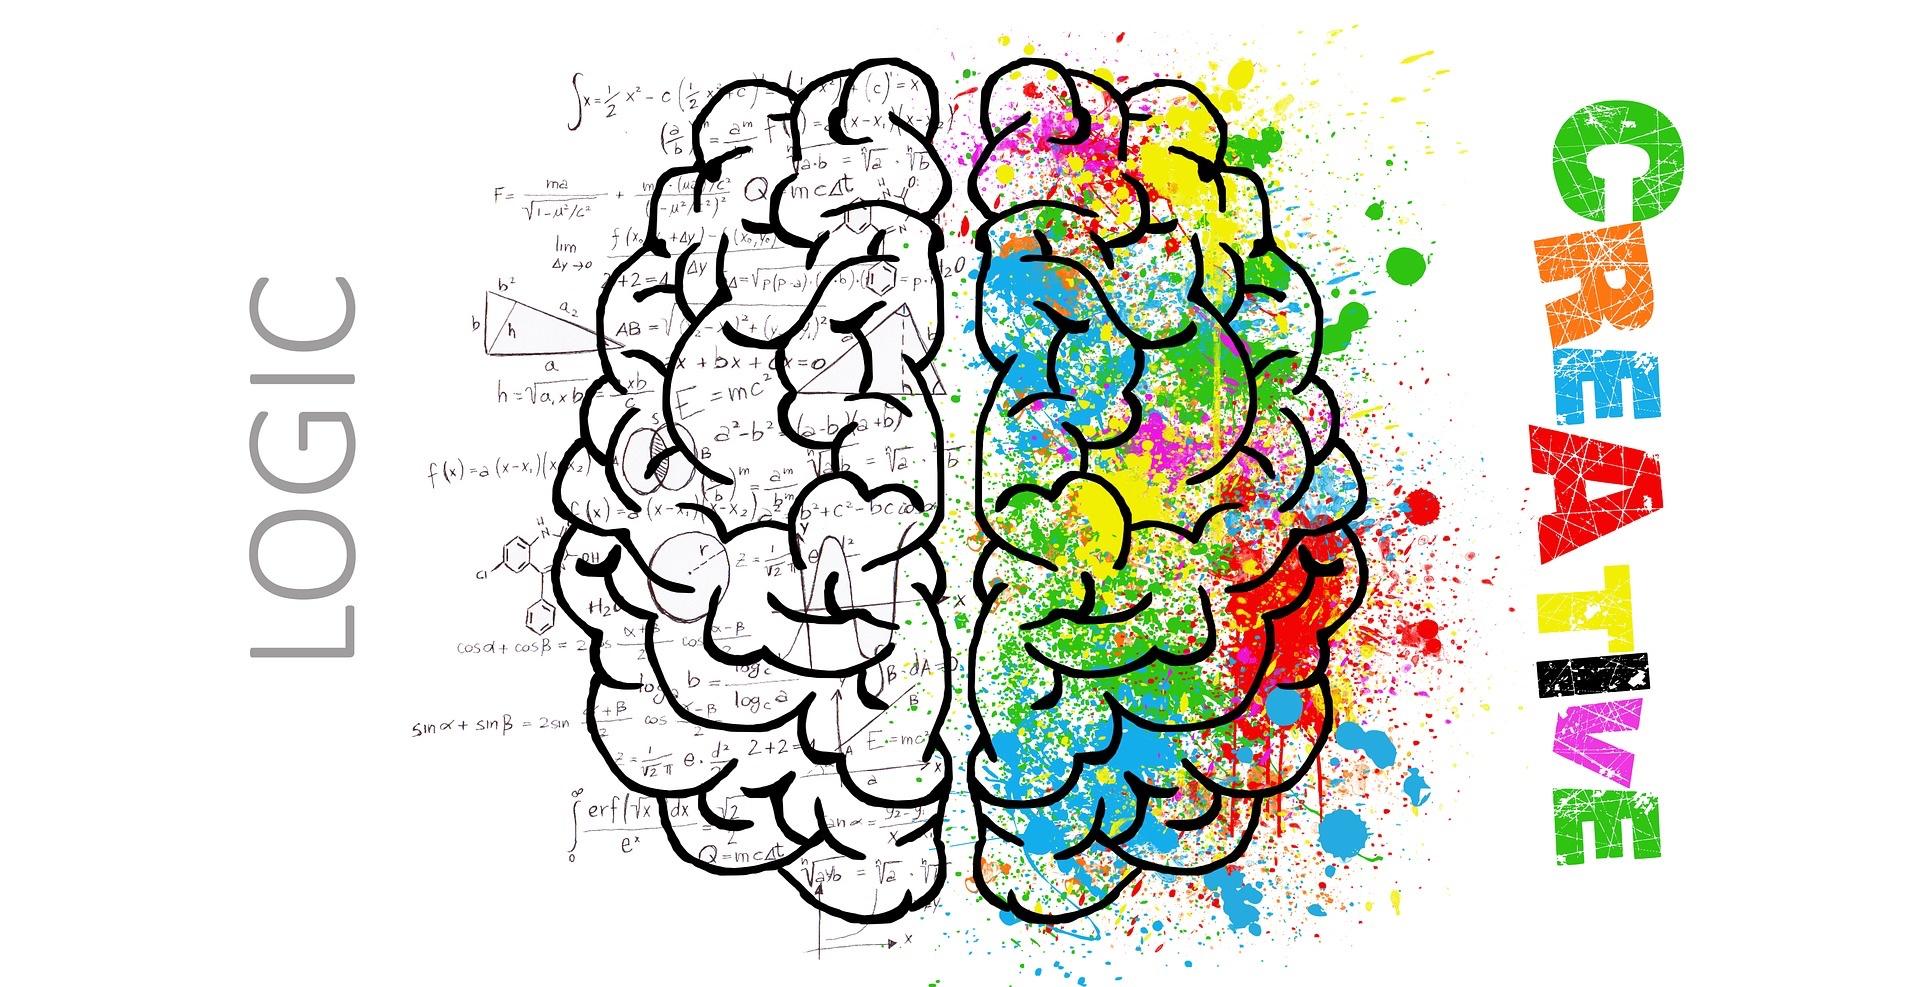 brain-2062055_1920_ElisaRiva.jpg